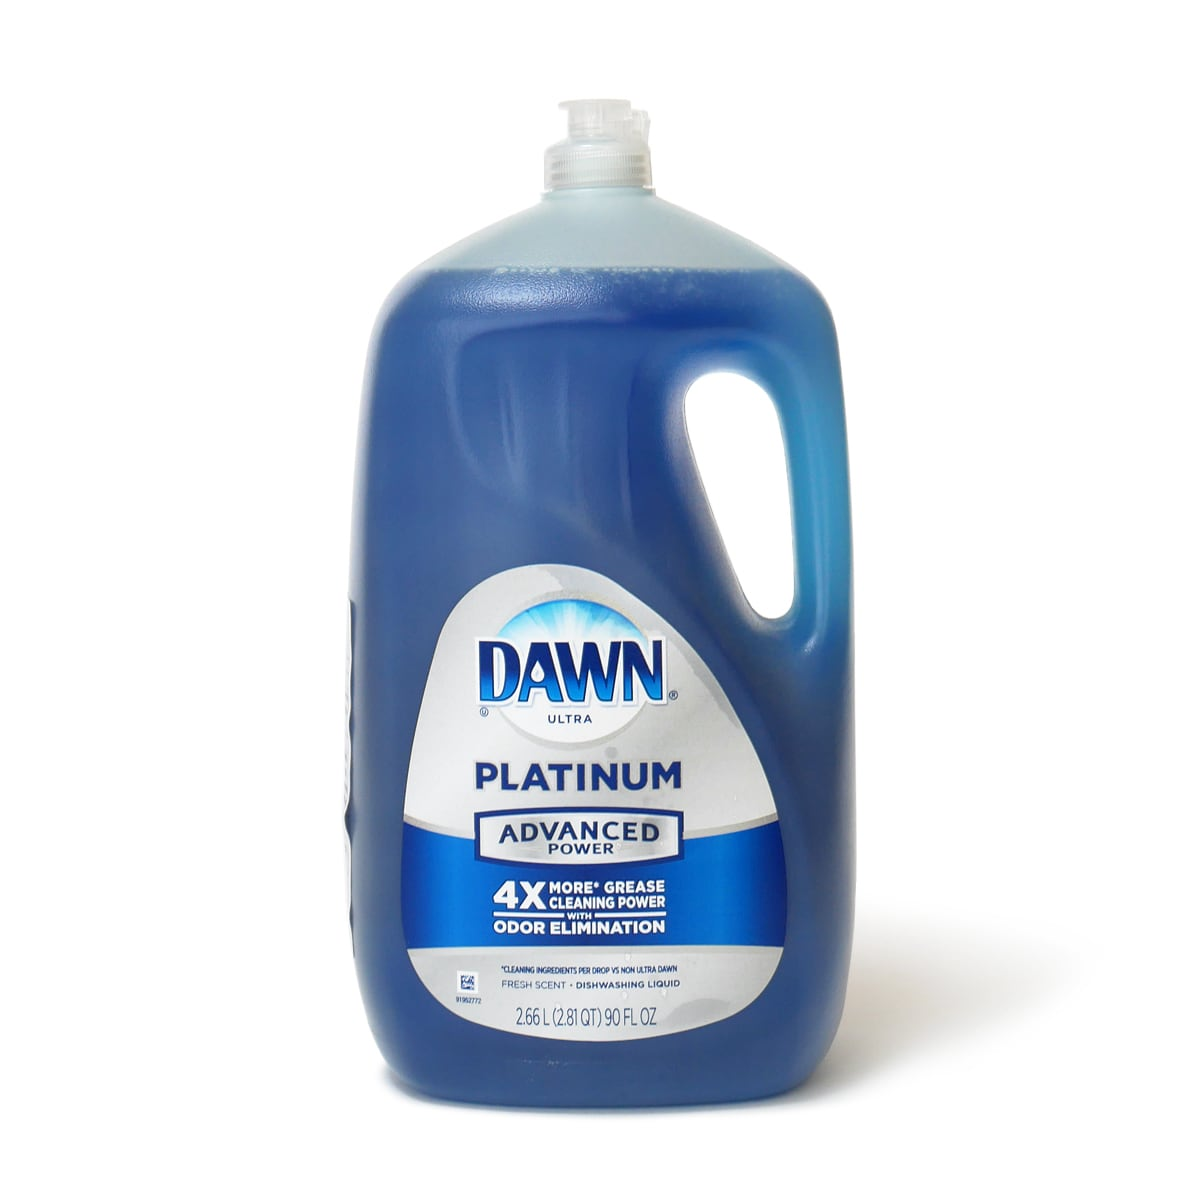 DAWN ウルトラプラチナム 食器用洗剤 2.66L